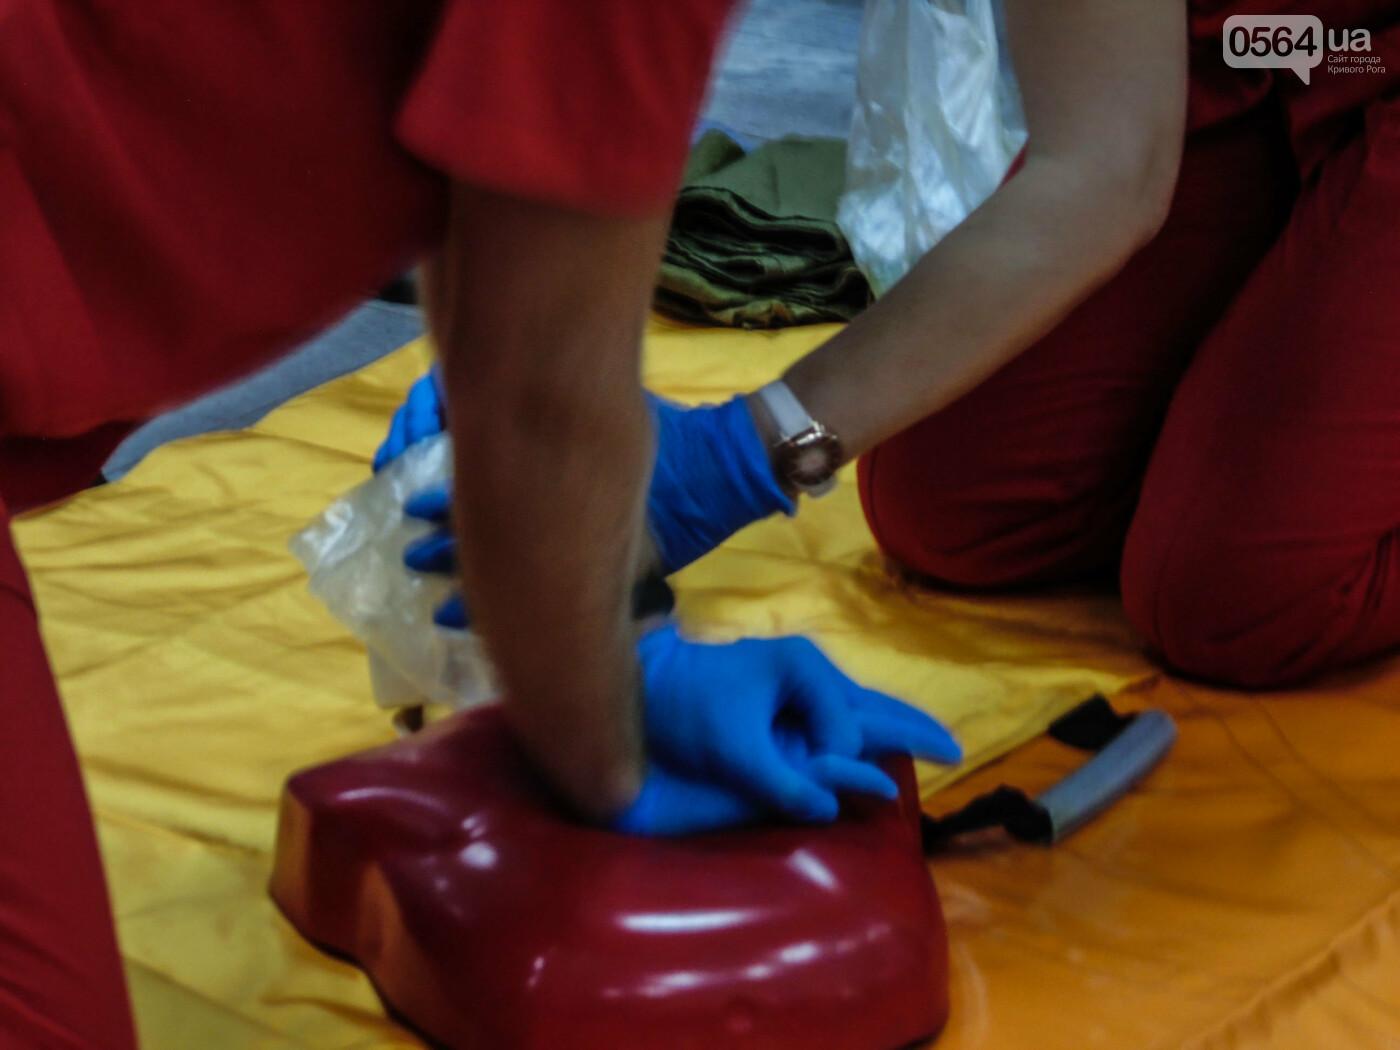 В Криворожском горисполкоме обучали оказывать людям первую медицинскую помощь, - ФОТО, ВИДЕО , фото-14